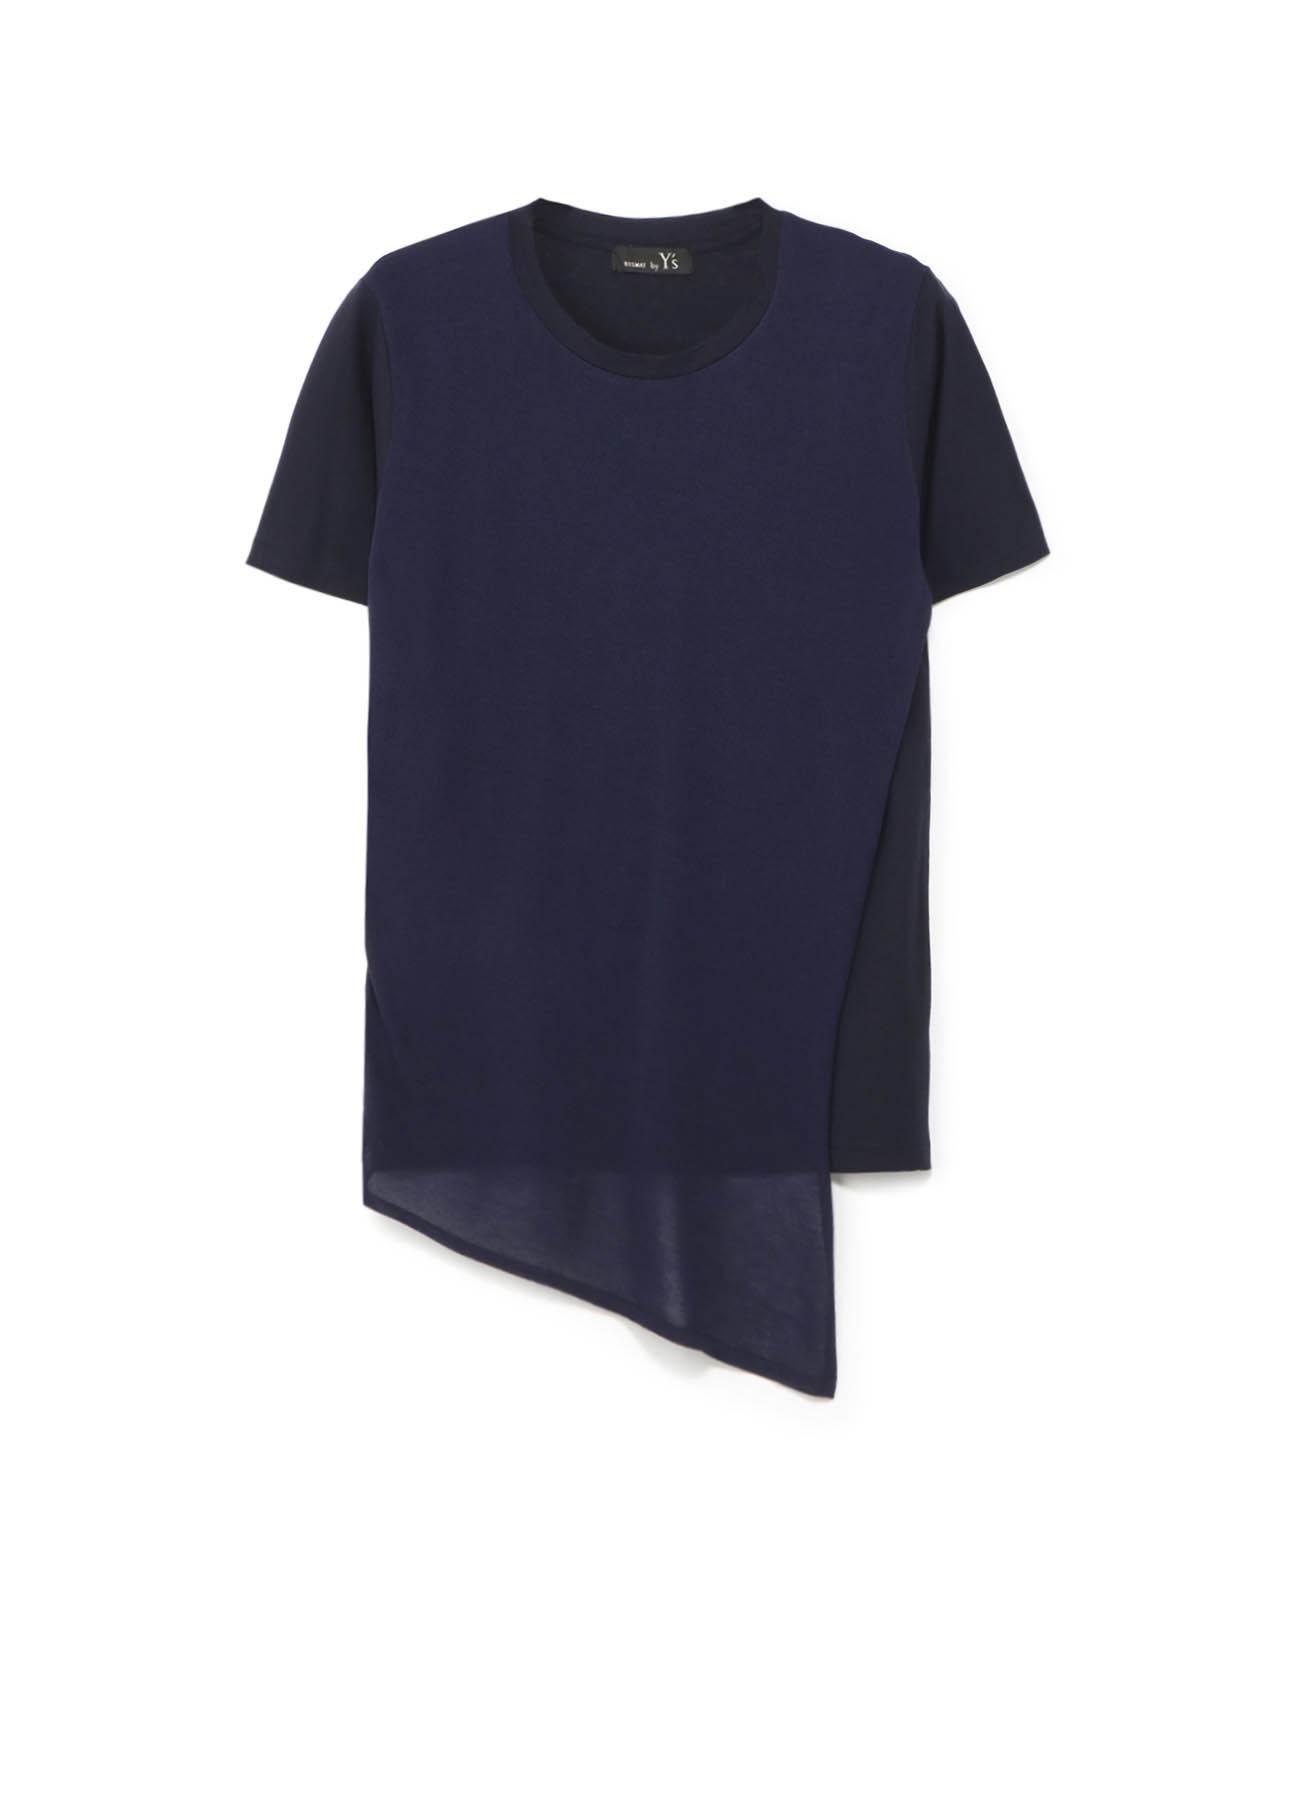 RISMATbyY's 強撚度詰天竺 斜めニット付半袖Tシャツ